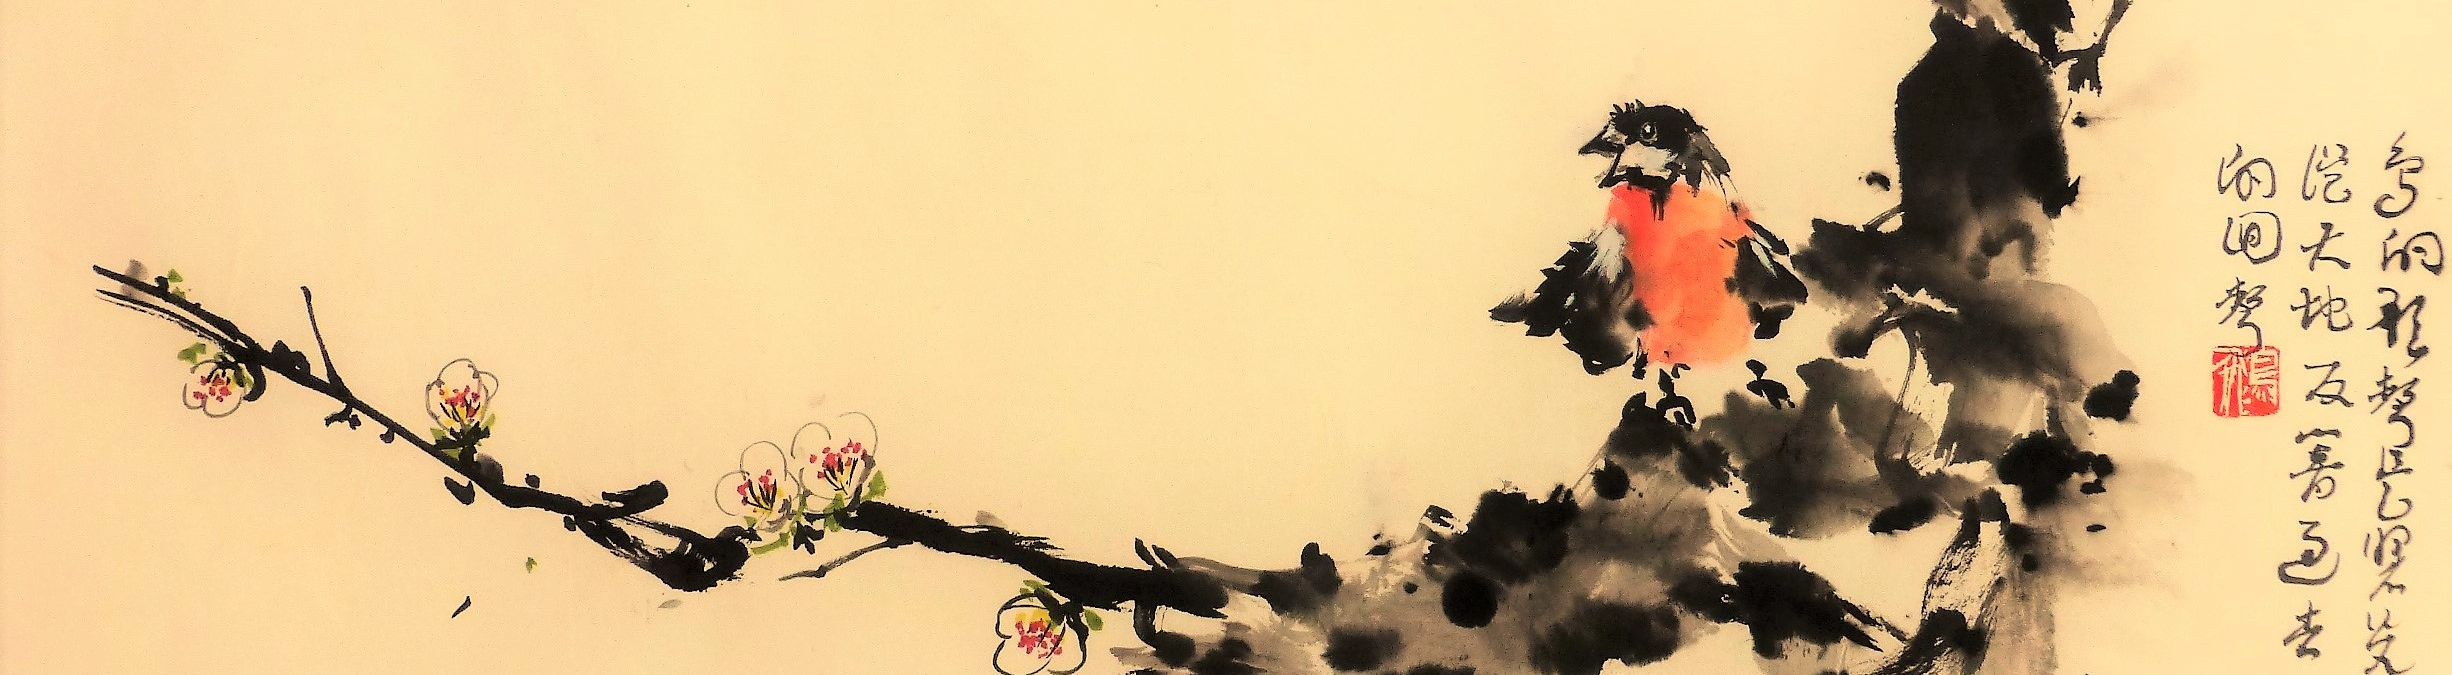 StrayBirds  -  Peinture Chinoise